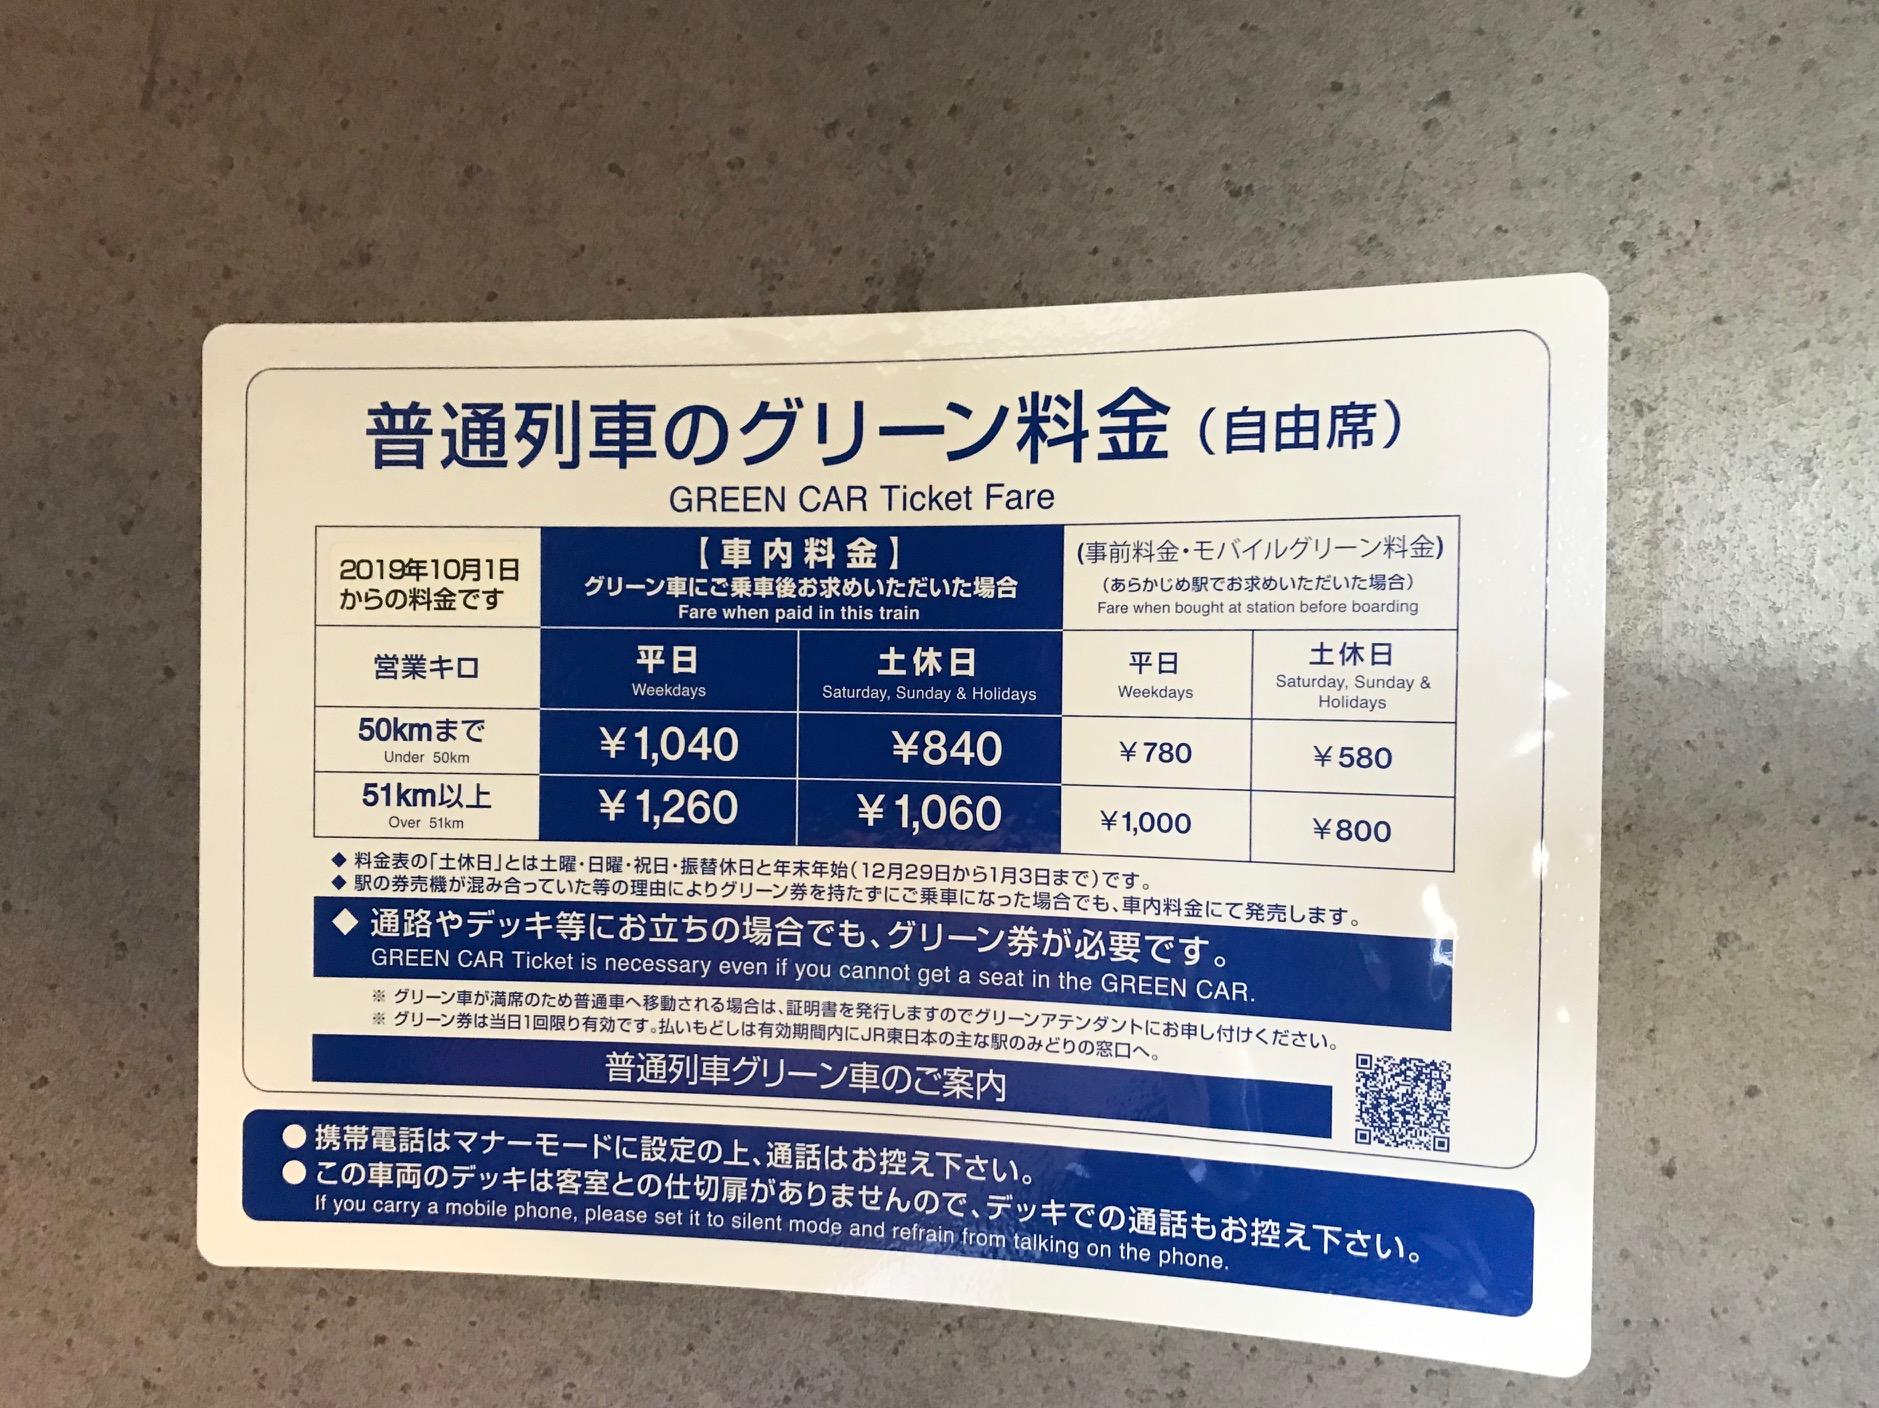 普通列車グリーン車の料金表